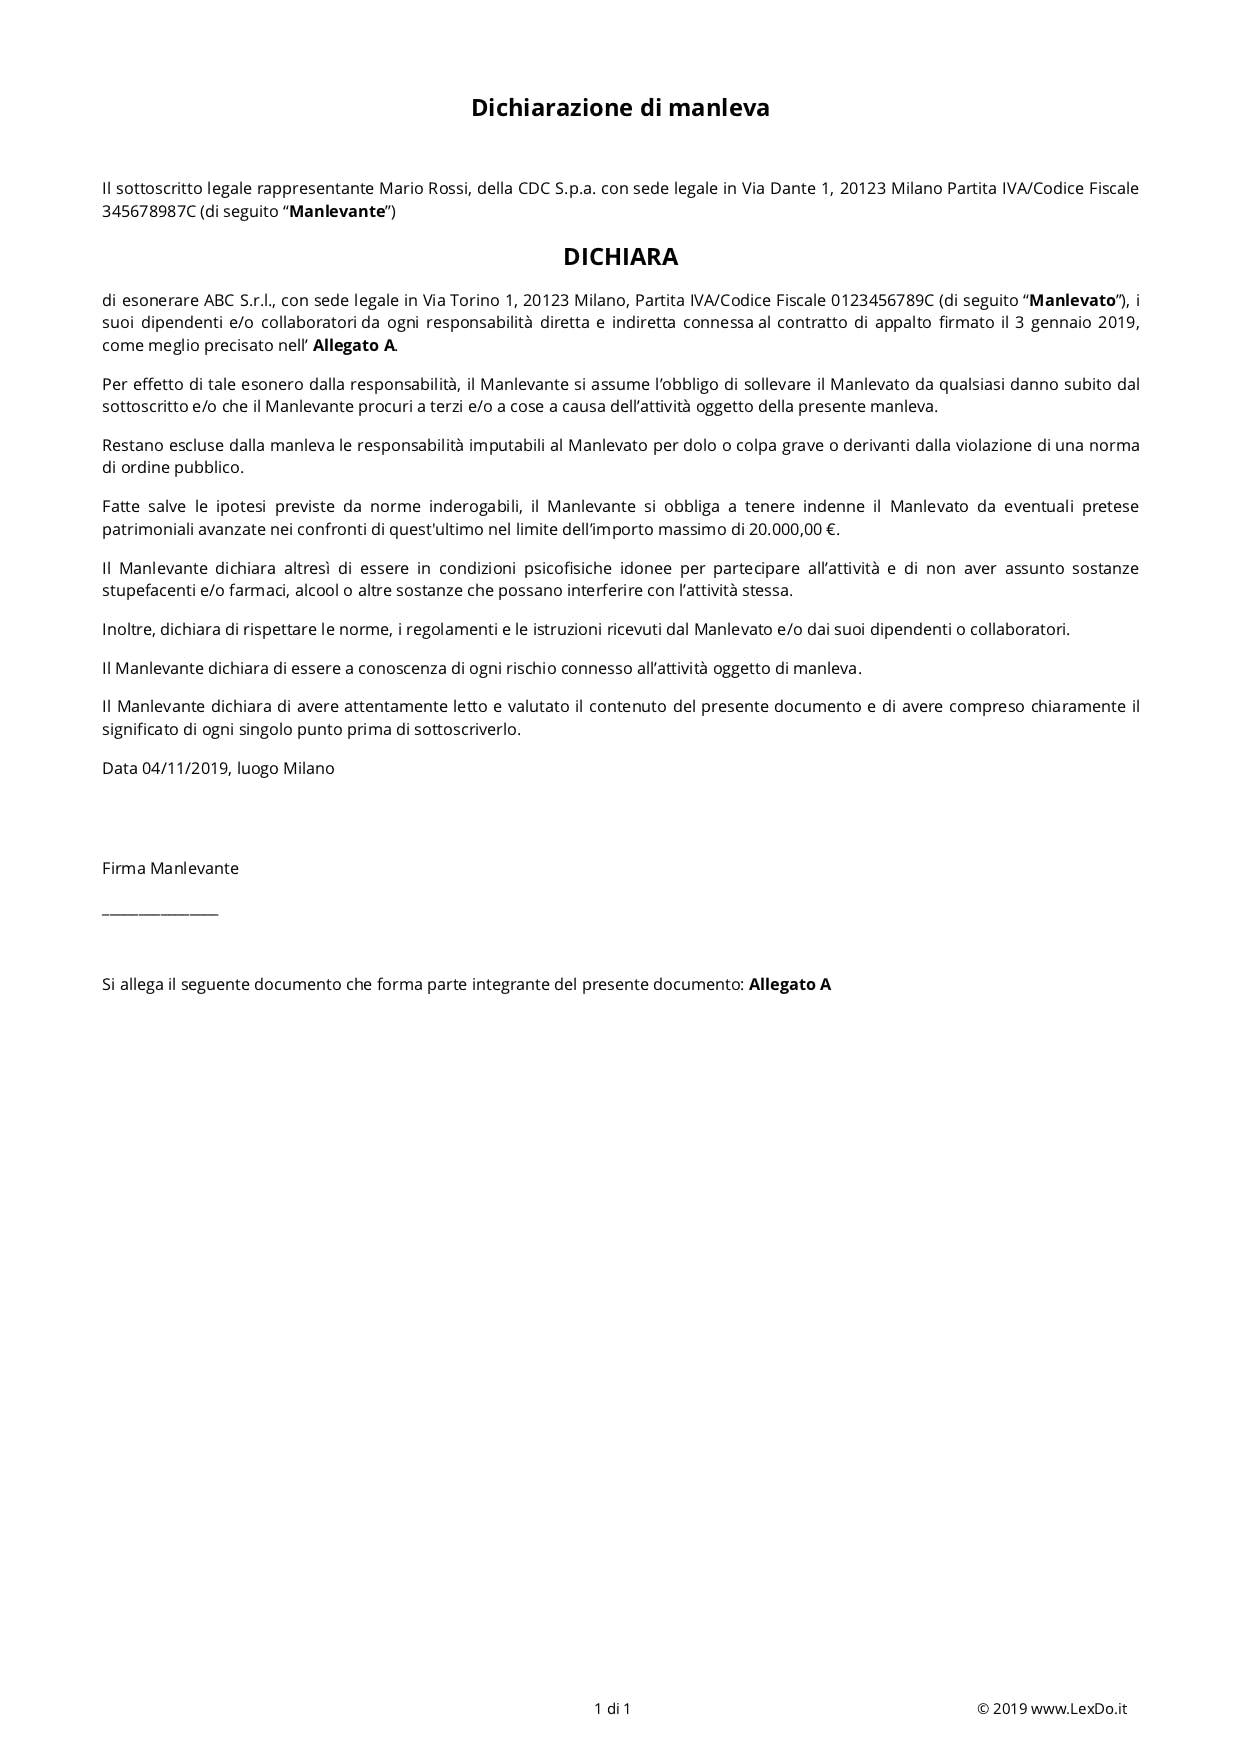 Lettera di Manleva (Scarico di Responsabilità) modello